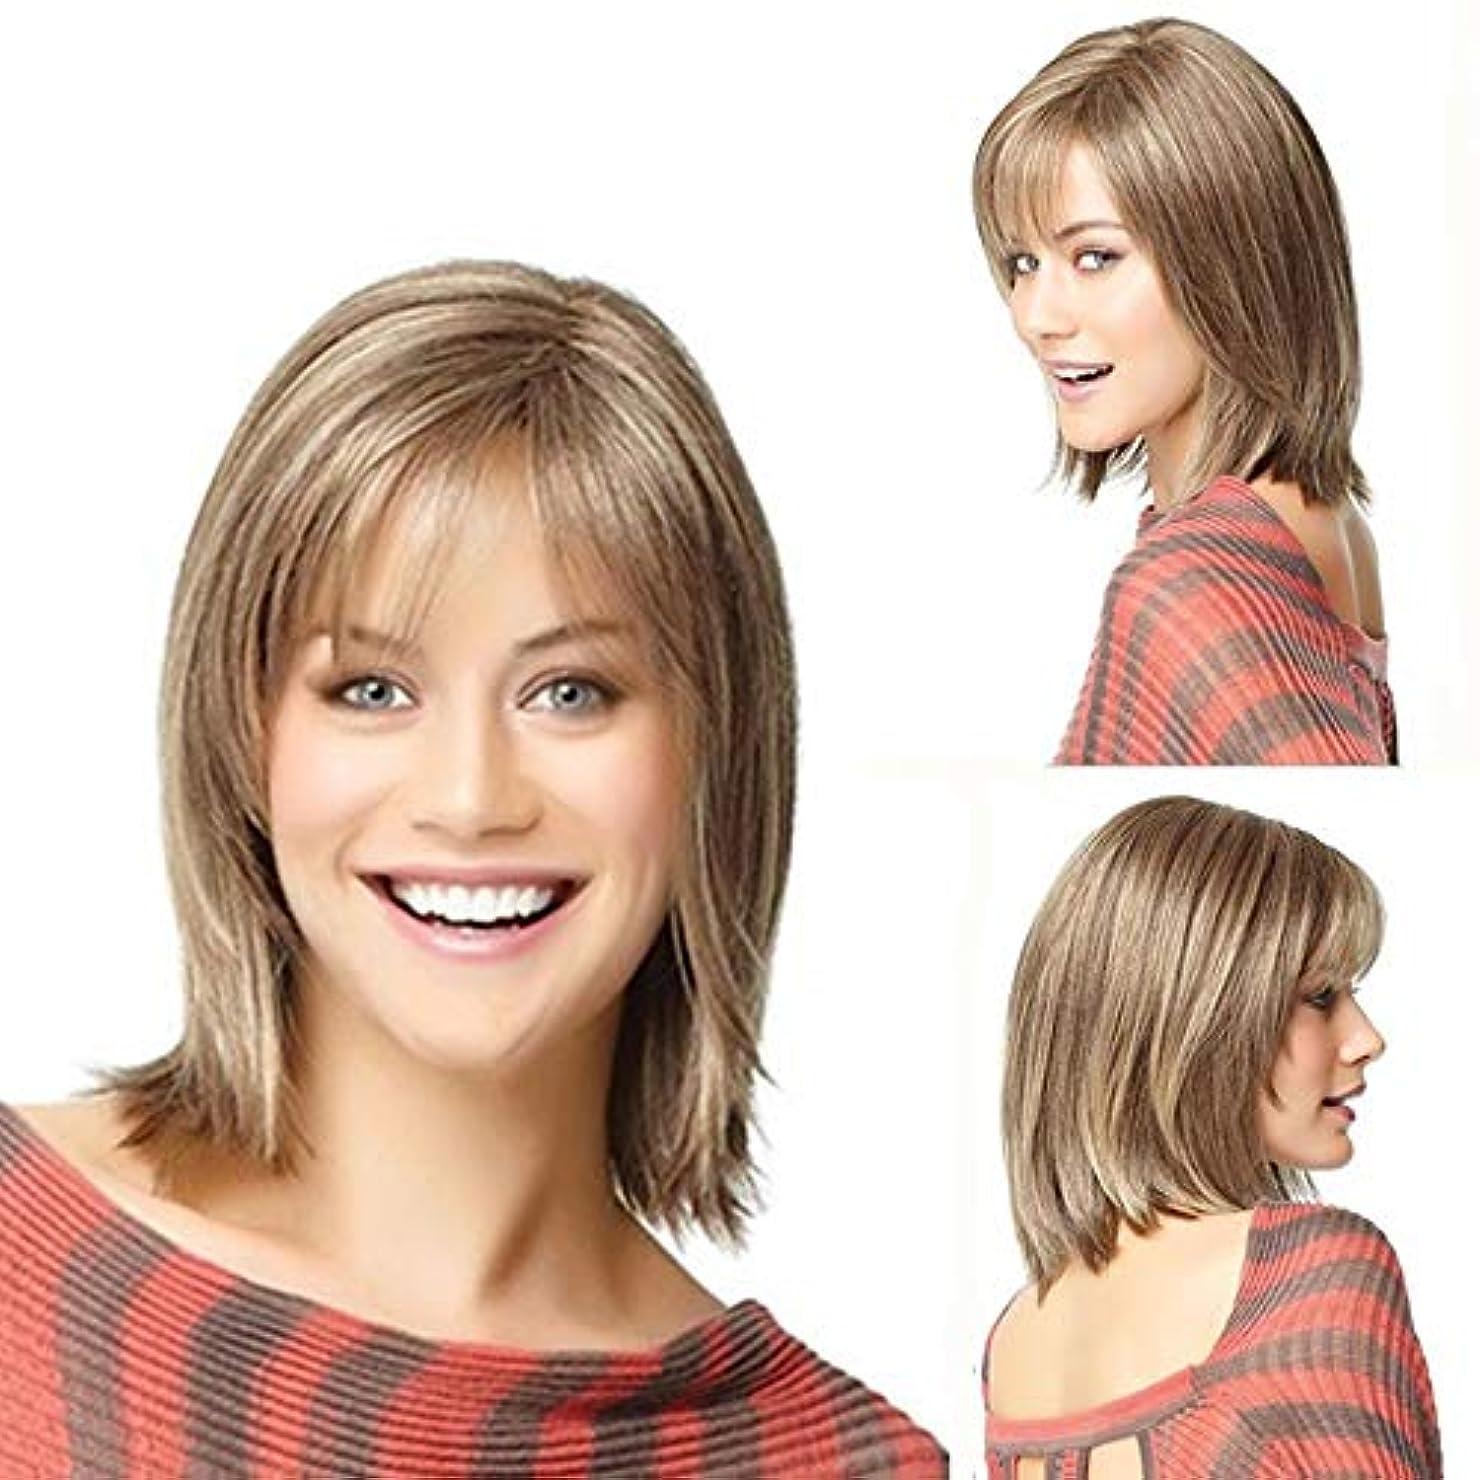 楽しませる非武装化甘美なWASAIO 女性のショートカーリーウィッグブロンド前髪付きストレートボブストレートヘア (色 : Blonde)